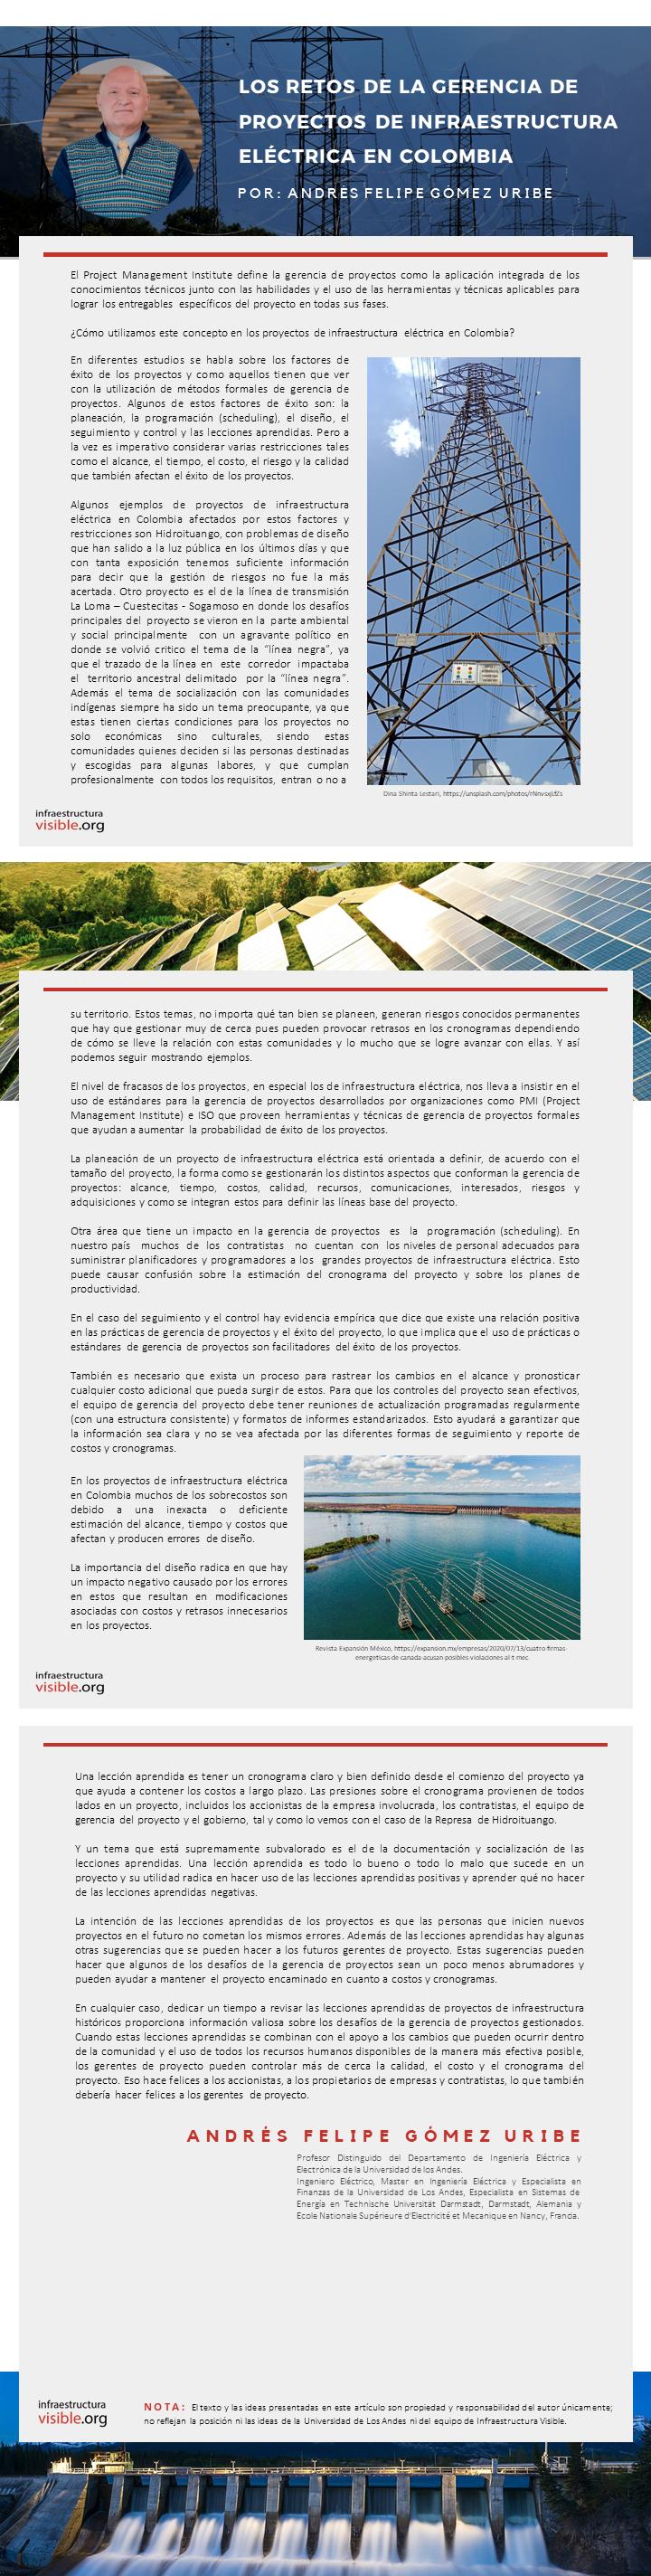 Los retos de la gerencia de proyectos de infraestructura eléctrica en Colombia